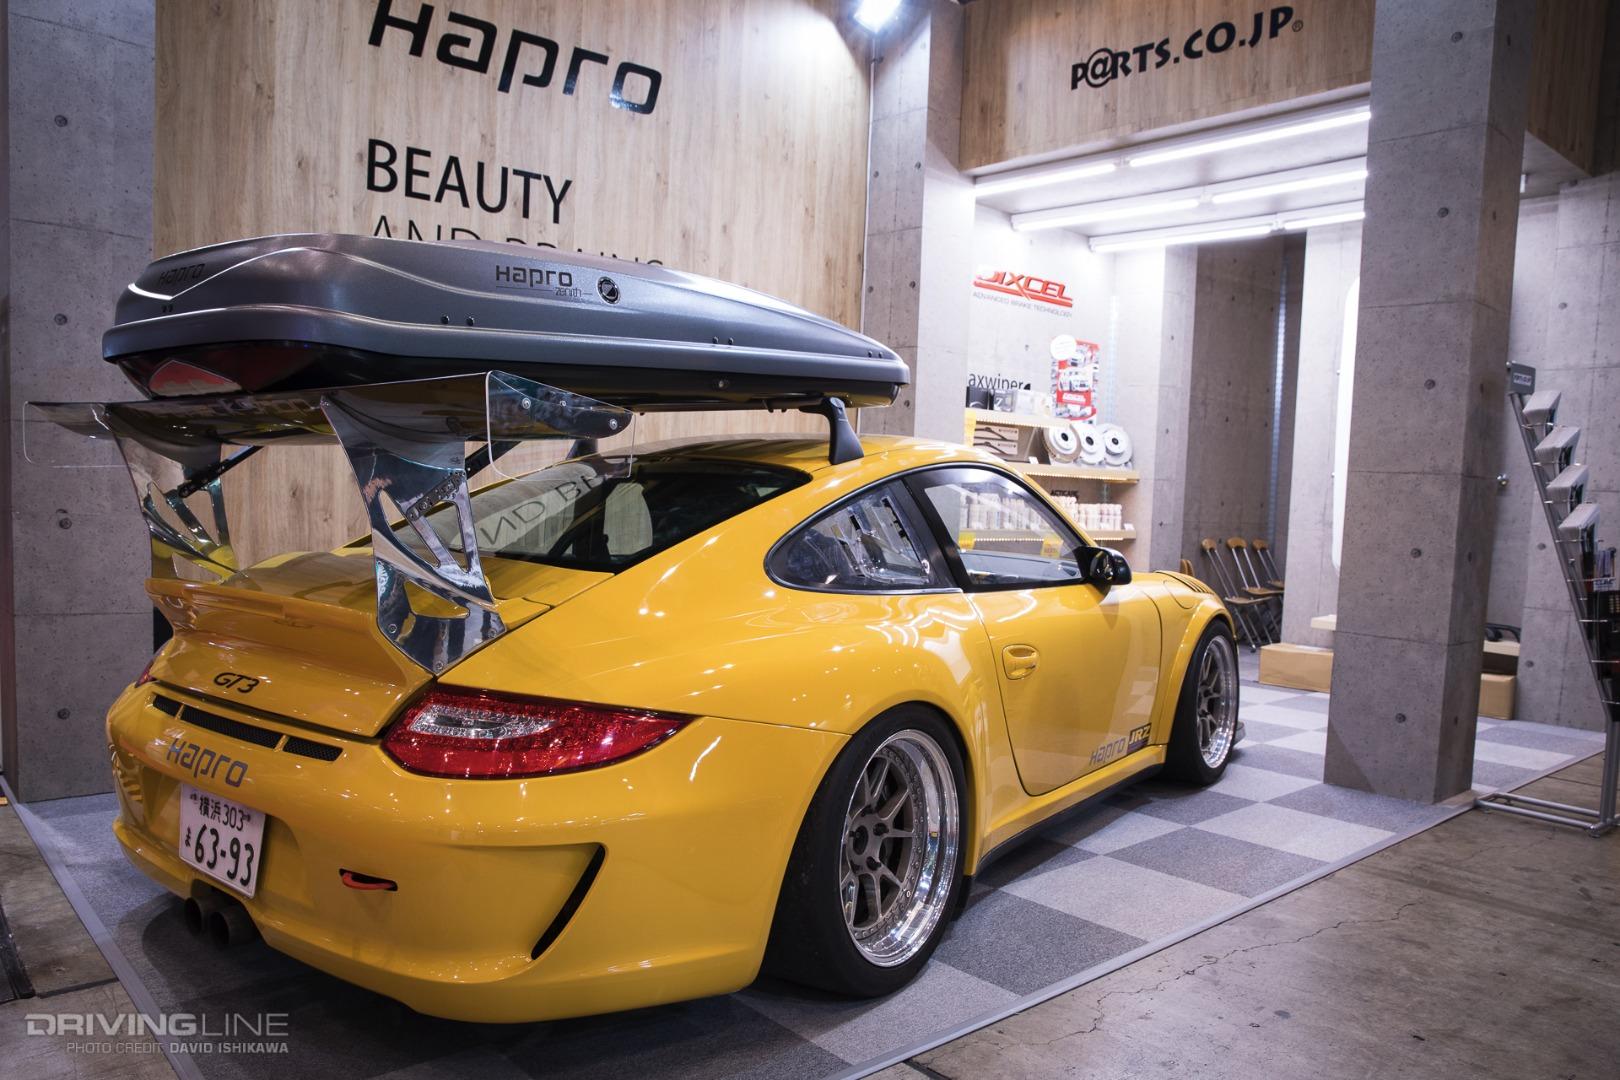 The Check Shop Porsche 997 Gt3 Drivingline